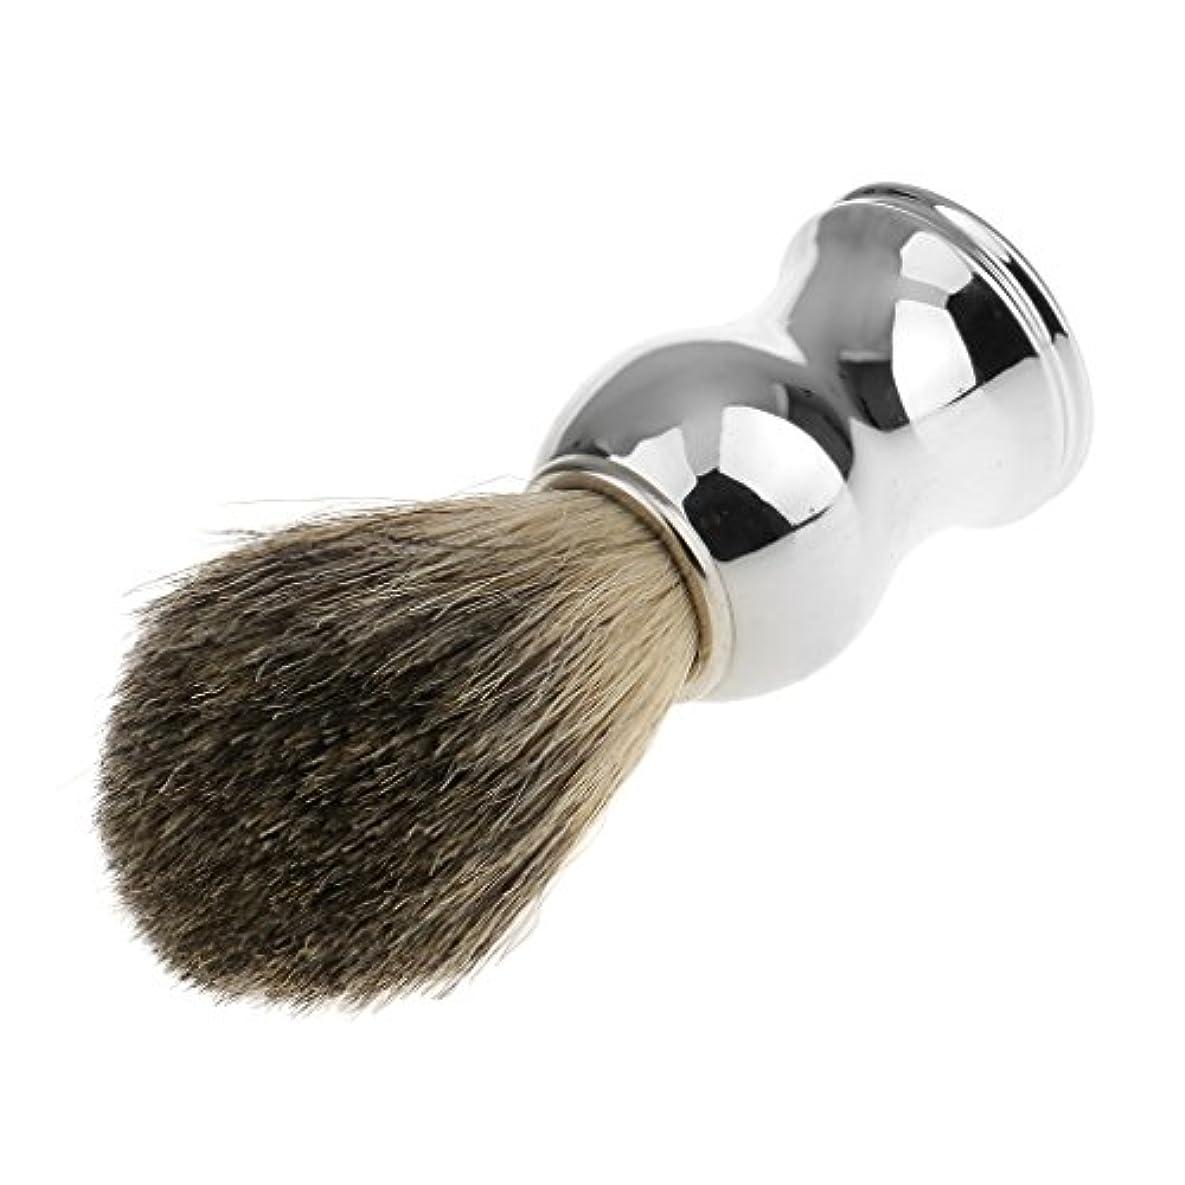 価値ガード頬Perfk 人工毛 シェービングブラシ 柔らかい 理容  洗顔  髭剃り 便携 乾くやすい 11.2cm 全2色 - シルバーハンドル